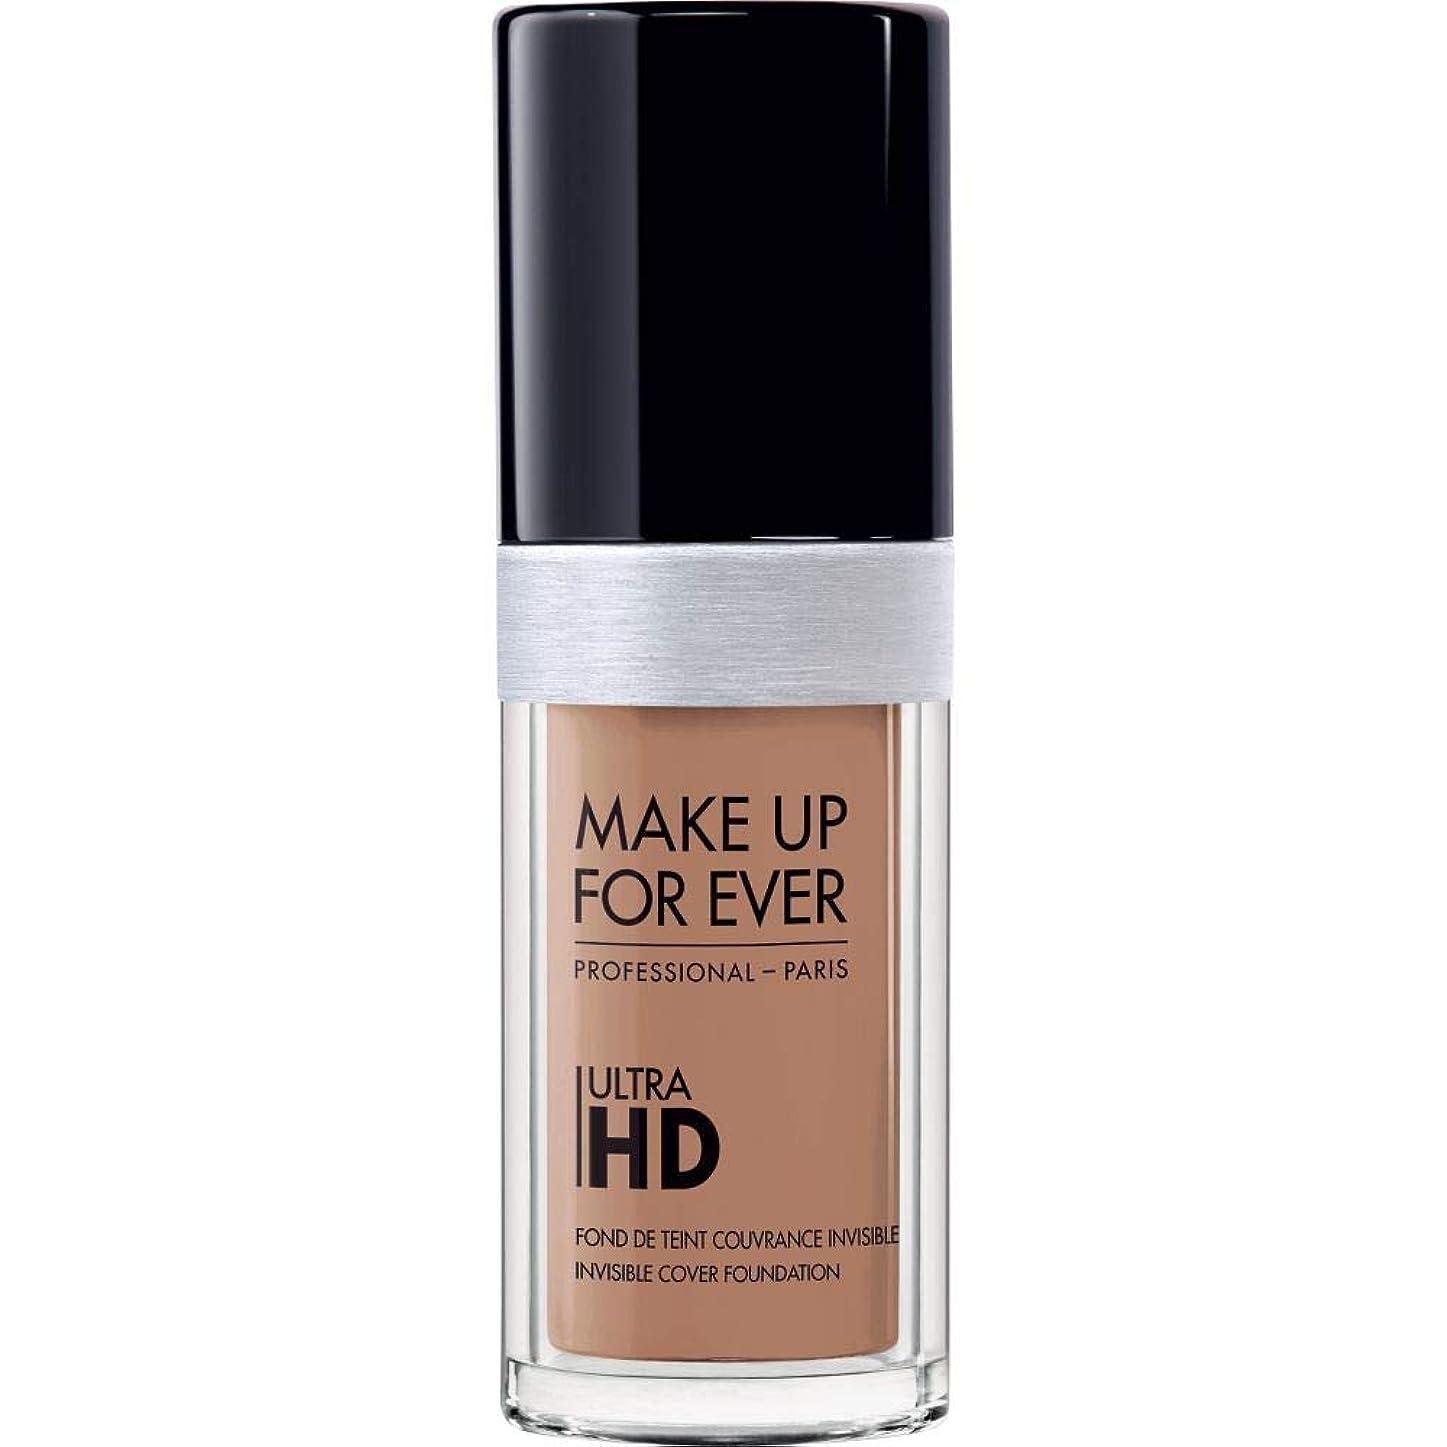 手がかり突然の先[MAKE UP FOR EVER ] 目に見えないカバーファンデーション30ミリリットルのY435 - - これまでの超Hdの基盤を補うキャラメル - MAKE UP FOR EVER Ultra HD Foundation - Invisible Cover Foundation 30ml Y435 - Caramel [並行輸入品]